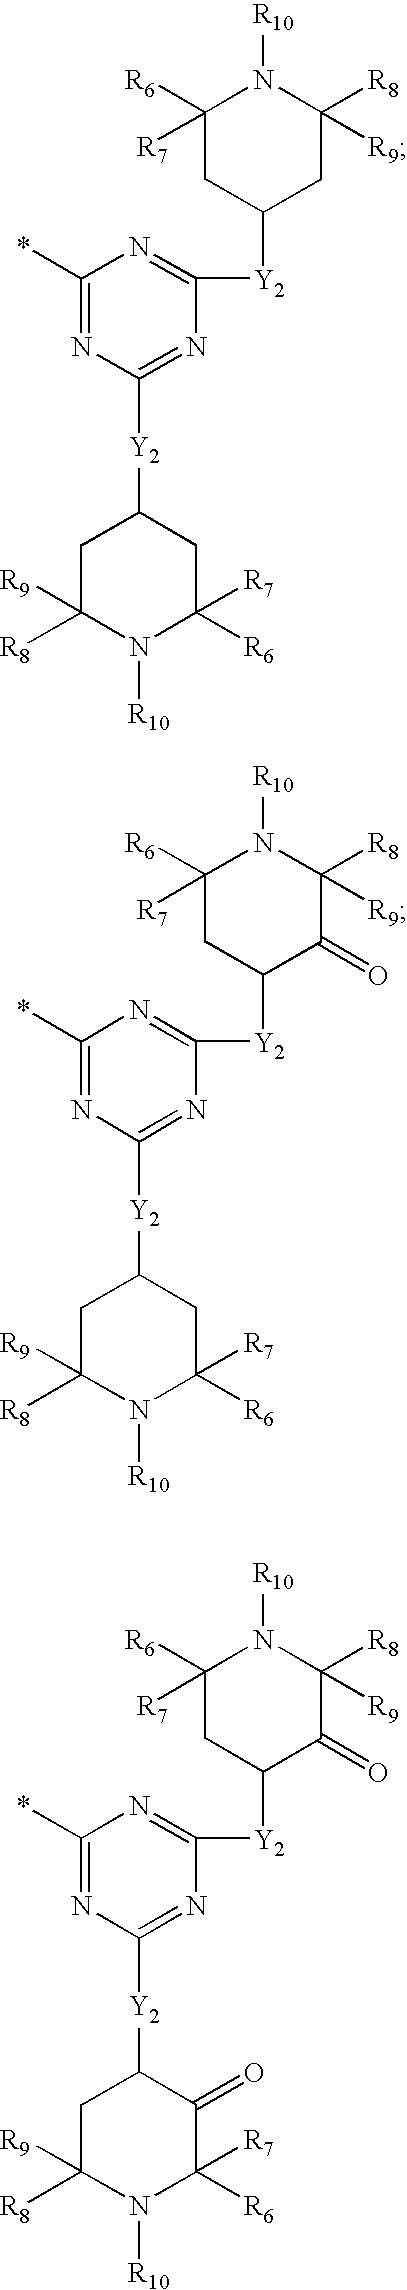 Figure US20040143041A1-20040722-C00047